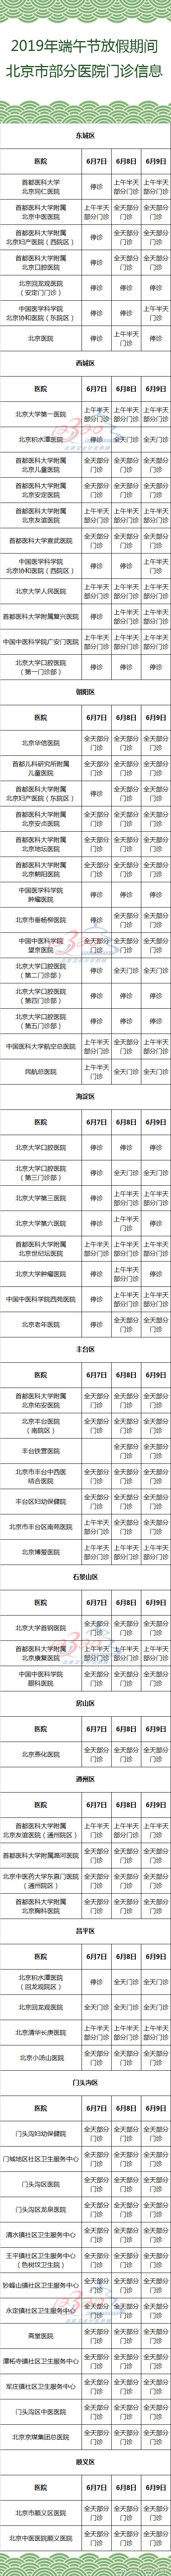 2019年端午节放假期间北京市部分医院门诊信息